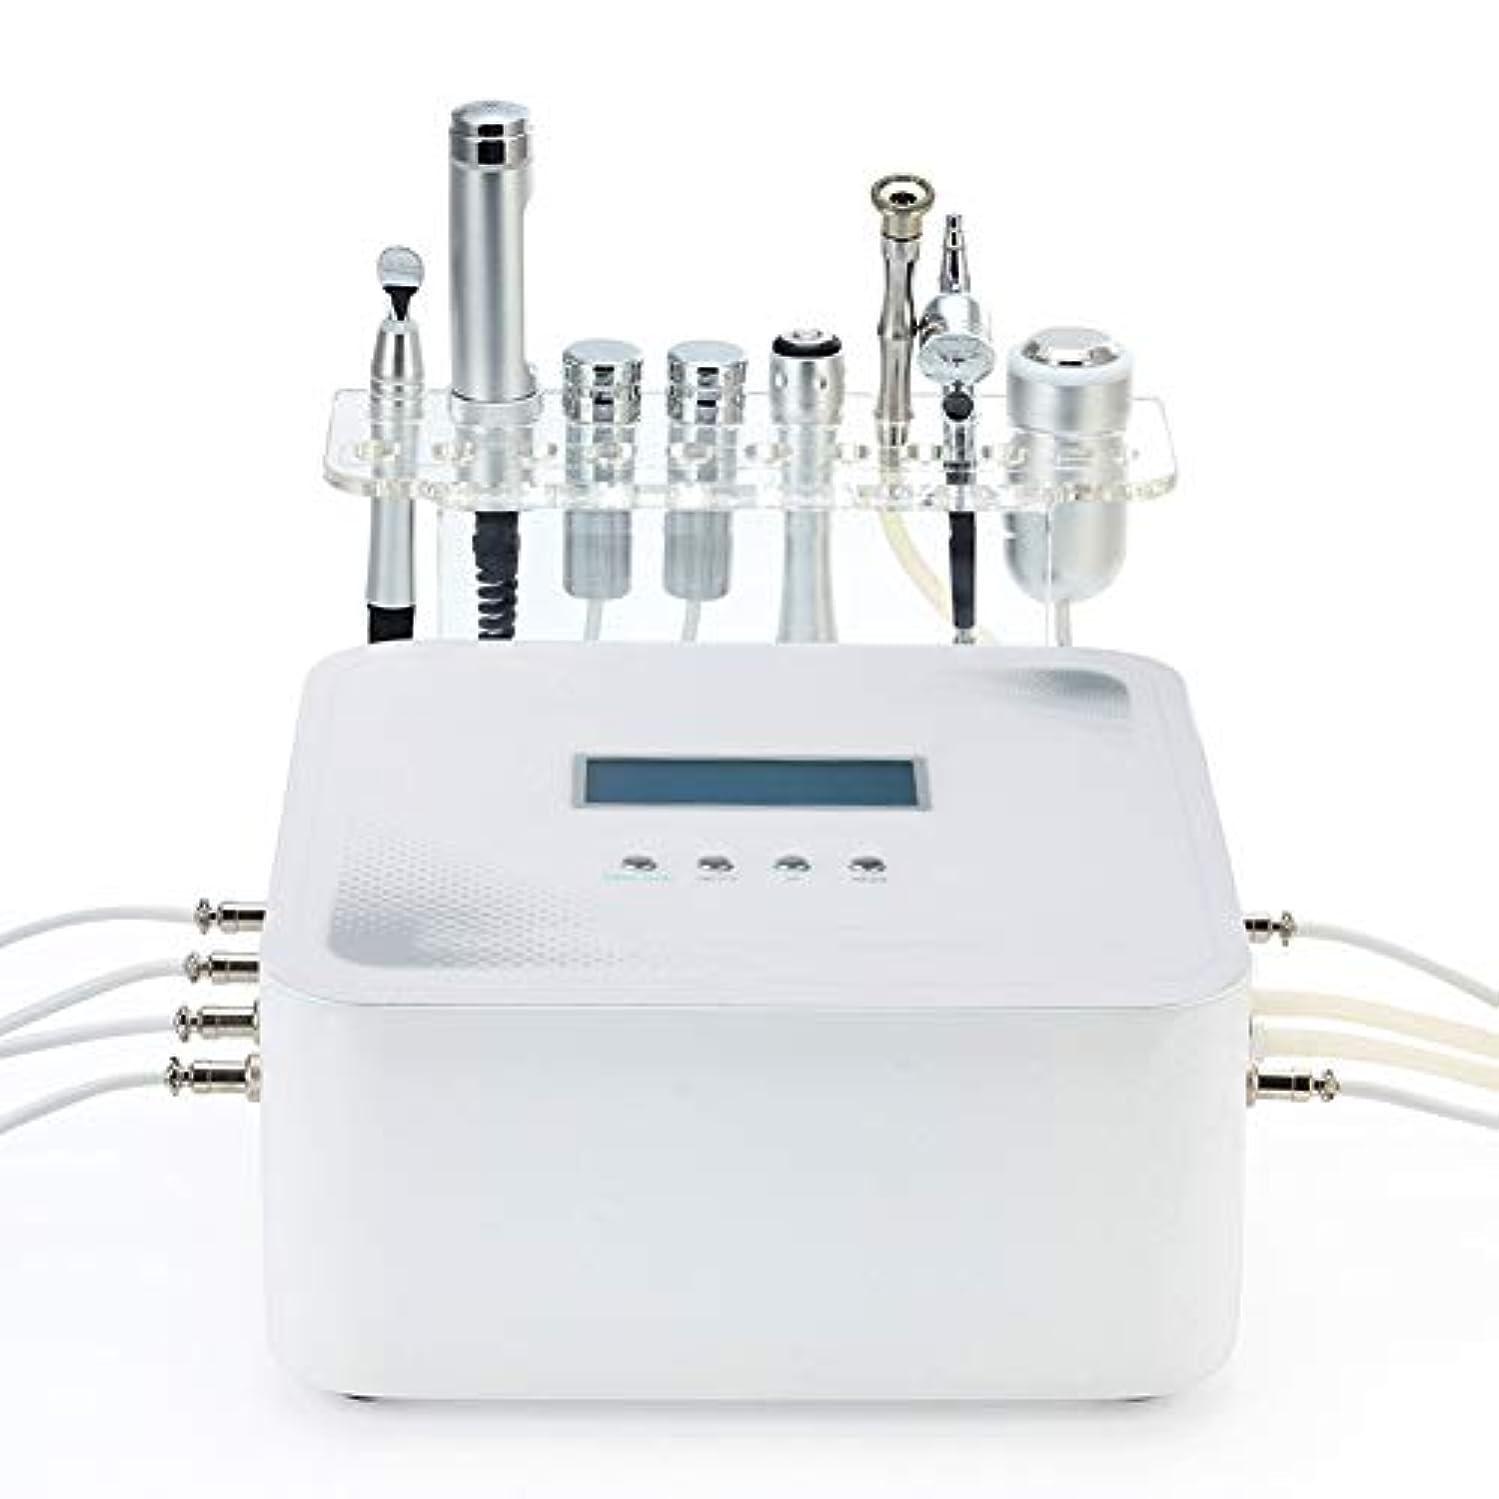 一時解雇する暖かく解釈RFの無線周波数の顔機械、超音波RFの美の器械、皮の若返りのしわの取り外しの皮のきつく締まる心配のための1つの顔機械に付き6つ